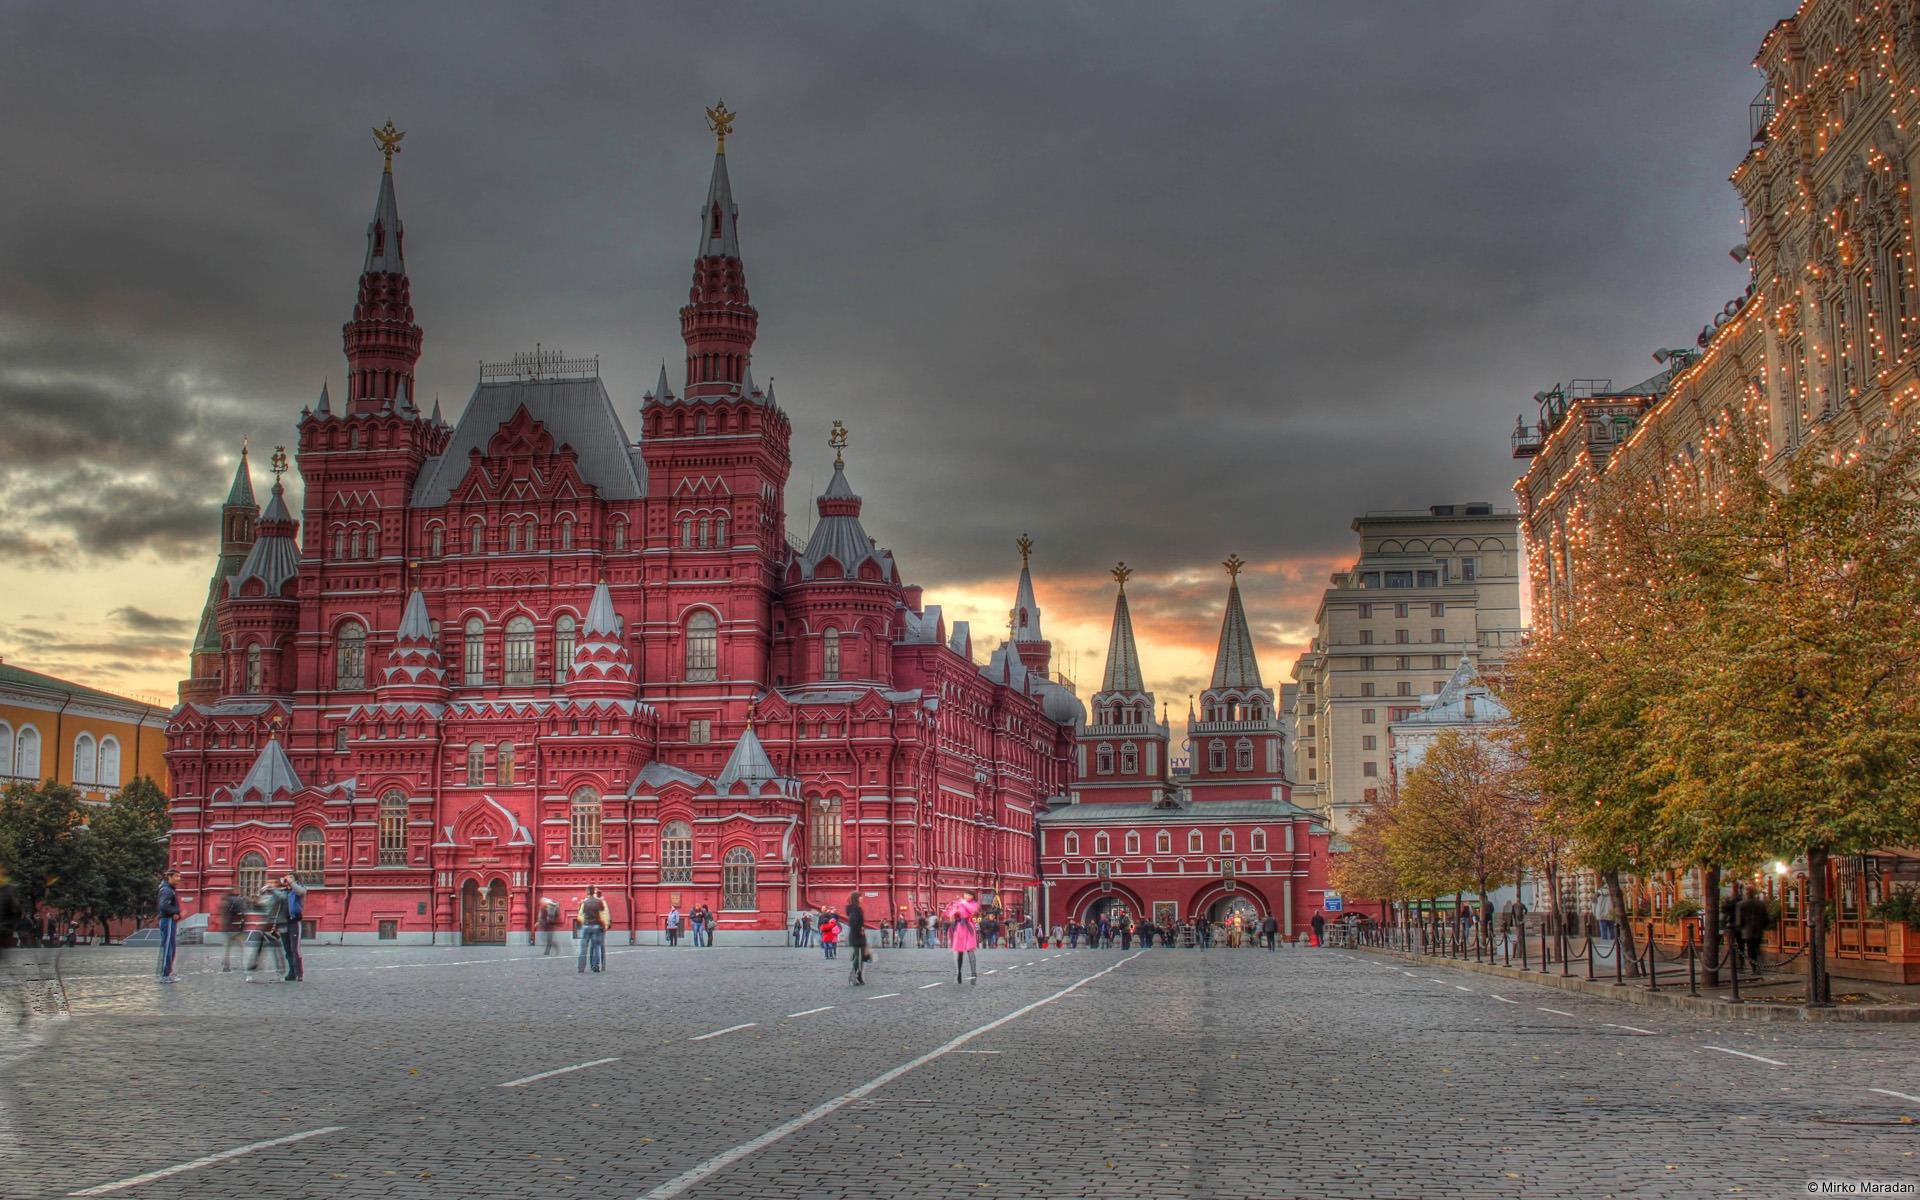 モスクワ国立歴史博物館 Windows 8 テーマの壁紙プレビュー